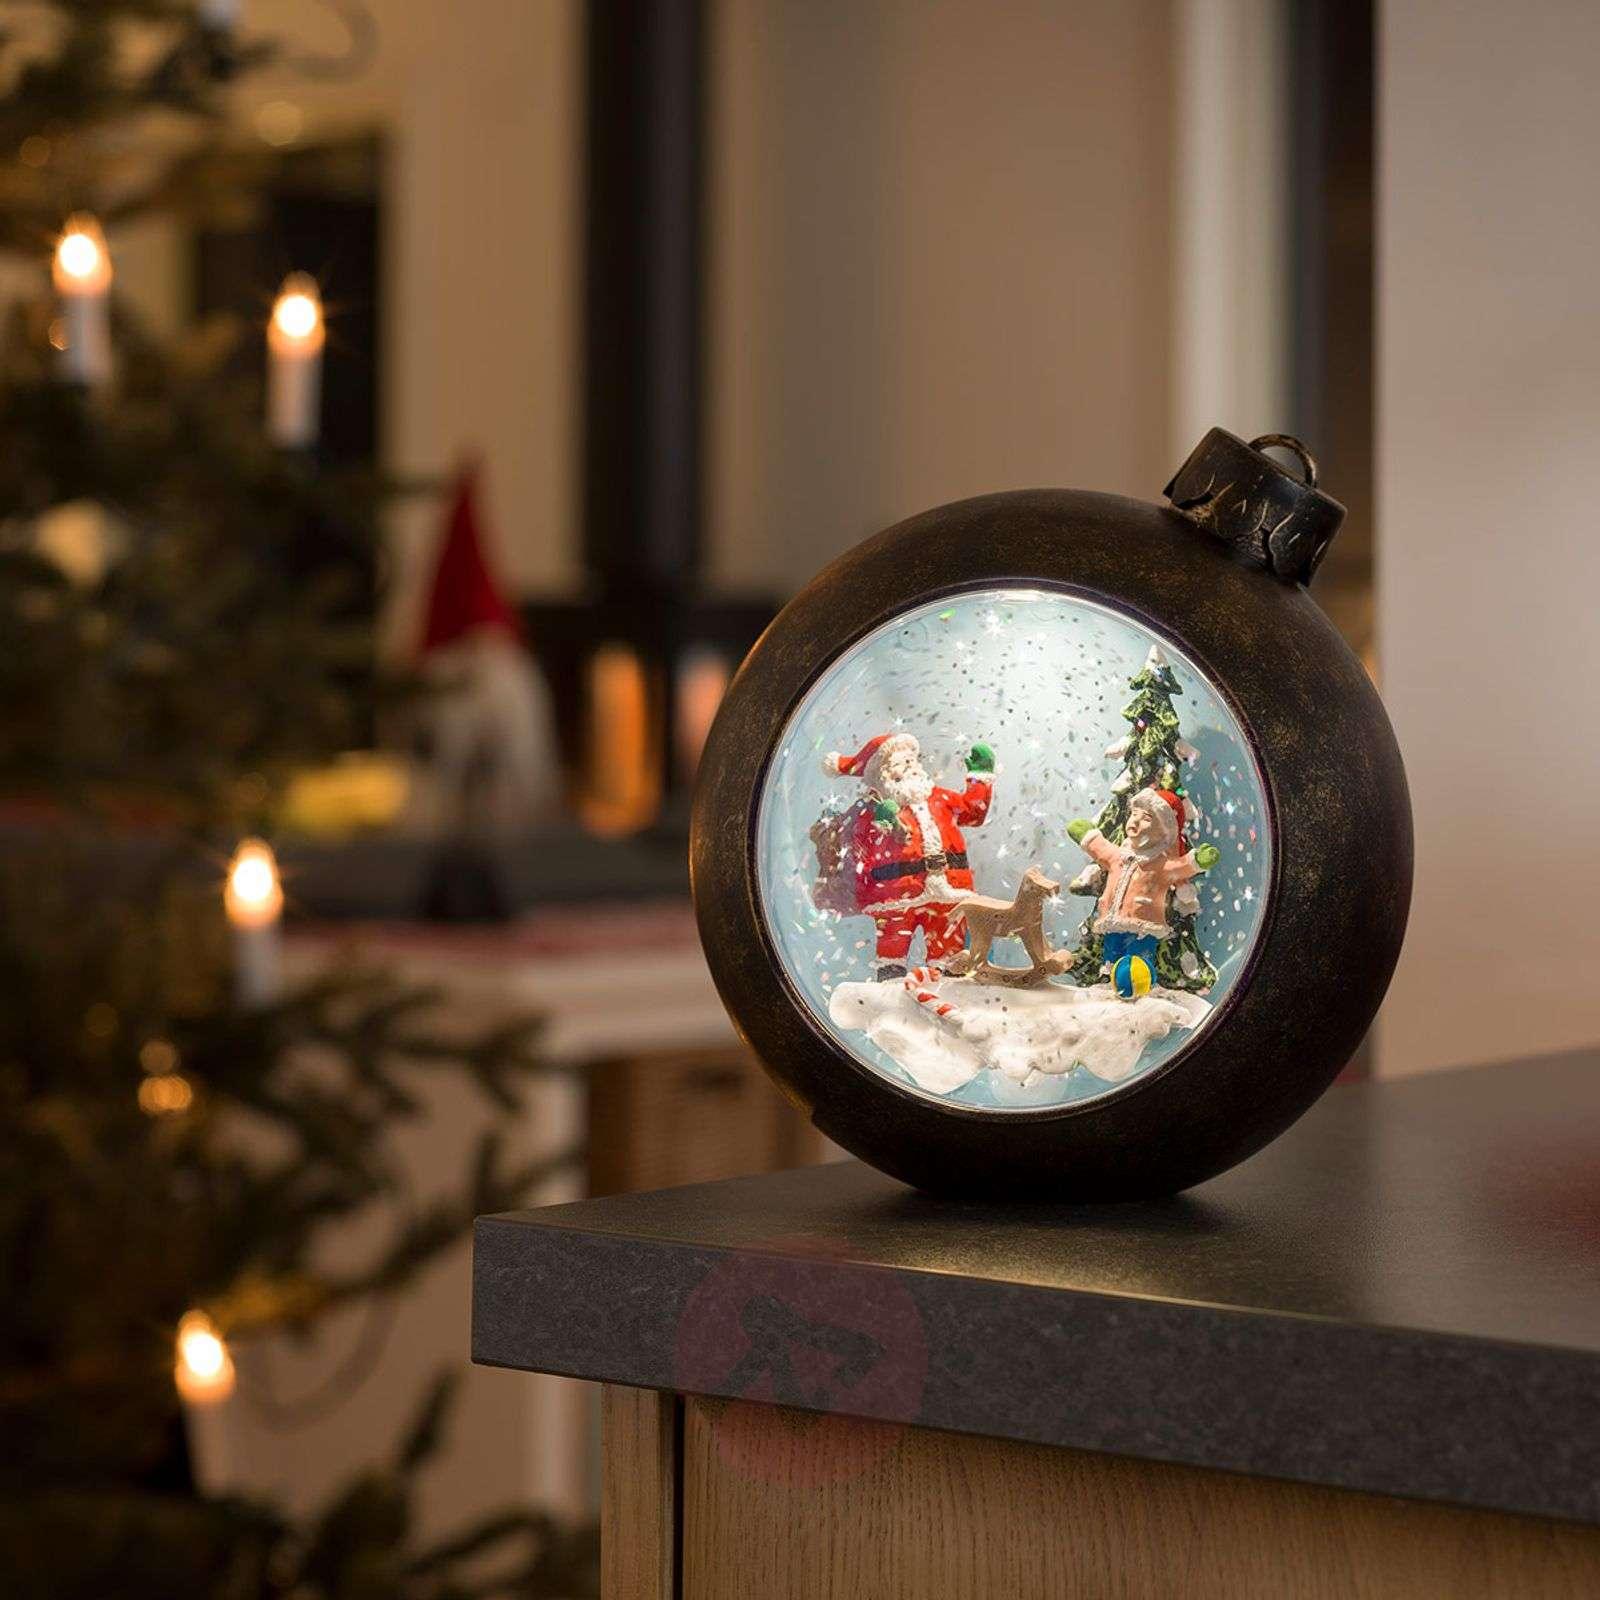 LED joulukuusen pallo joulupukki+lapset, vesitäyt.-5524865-01